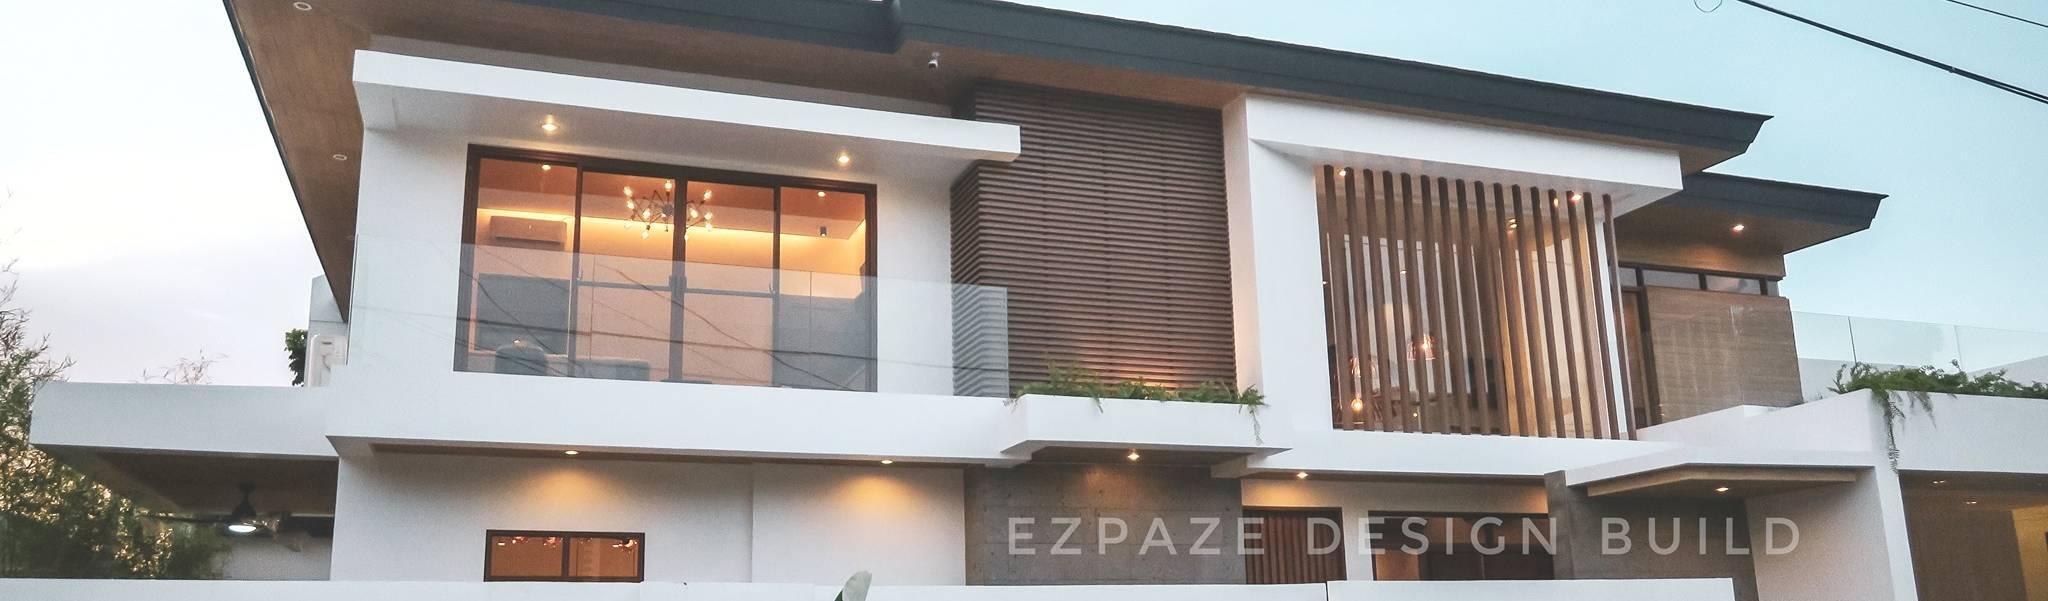 ezpaze design+build